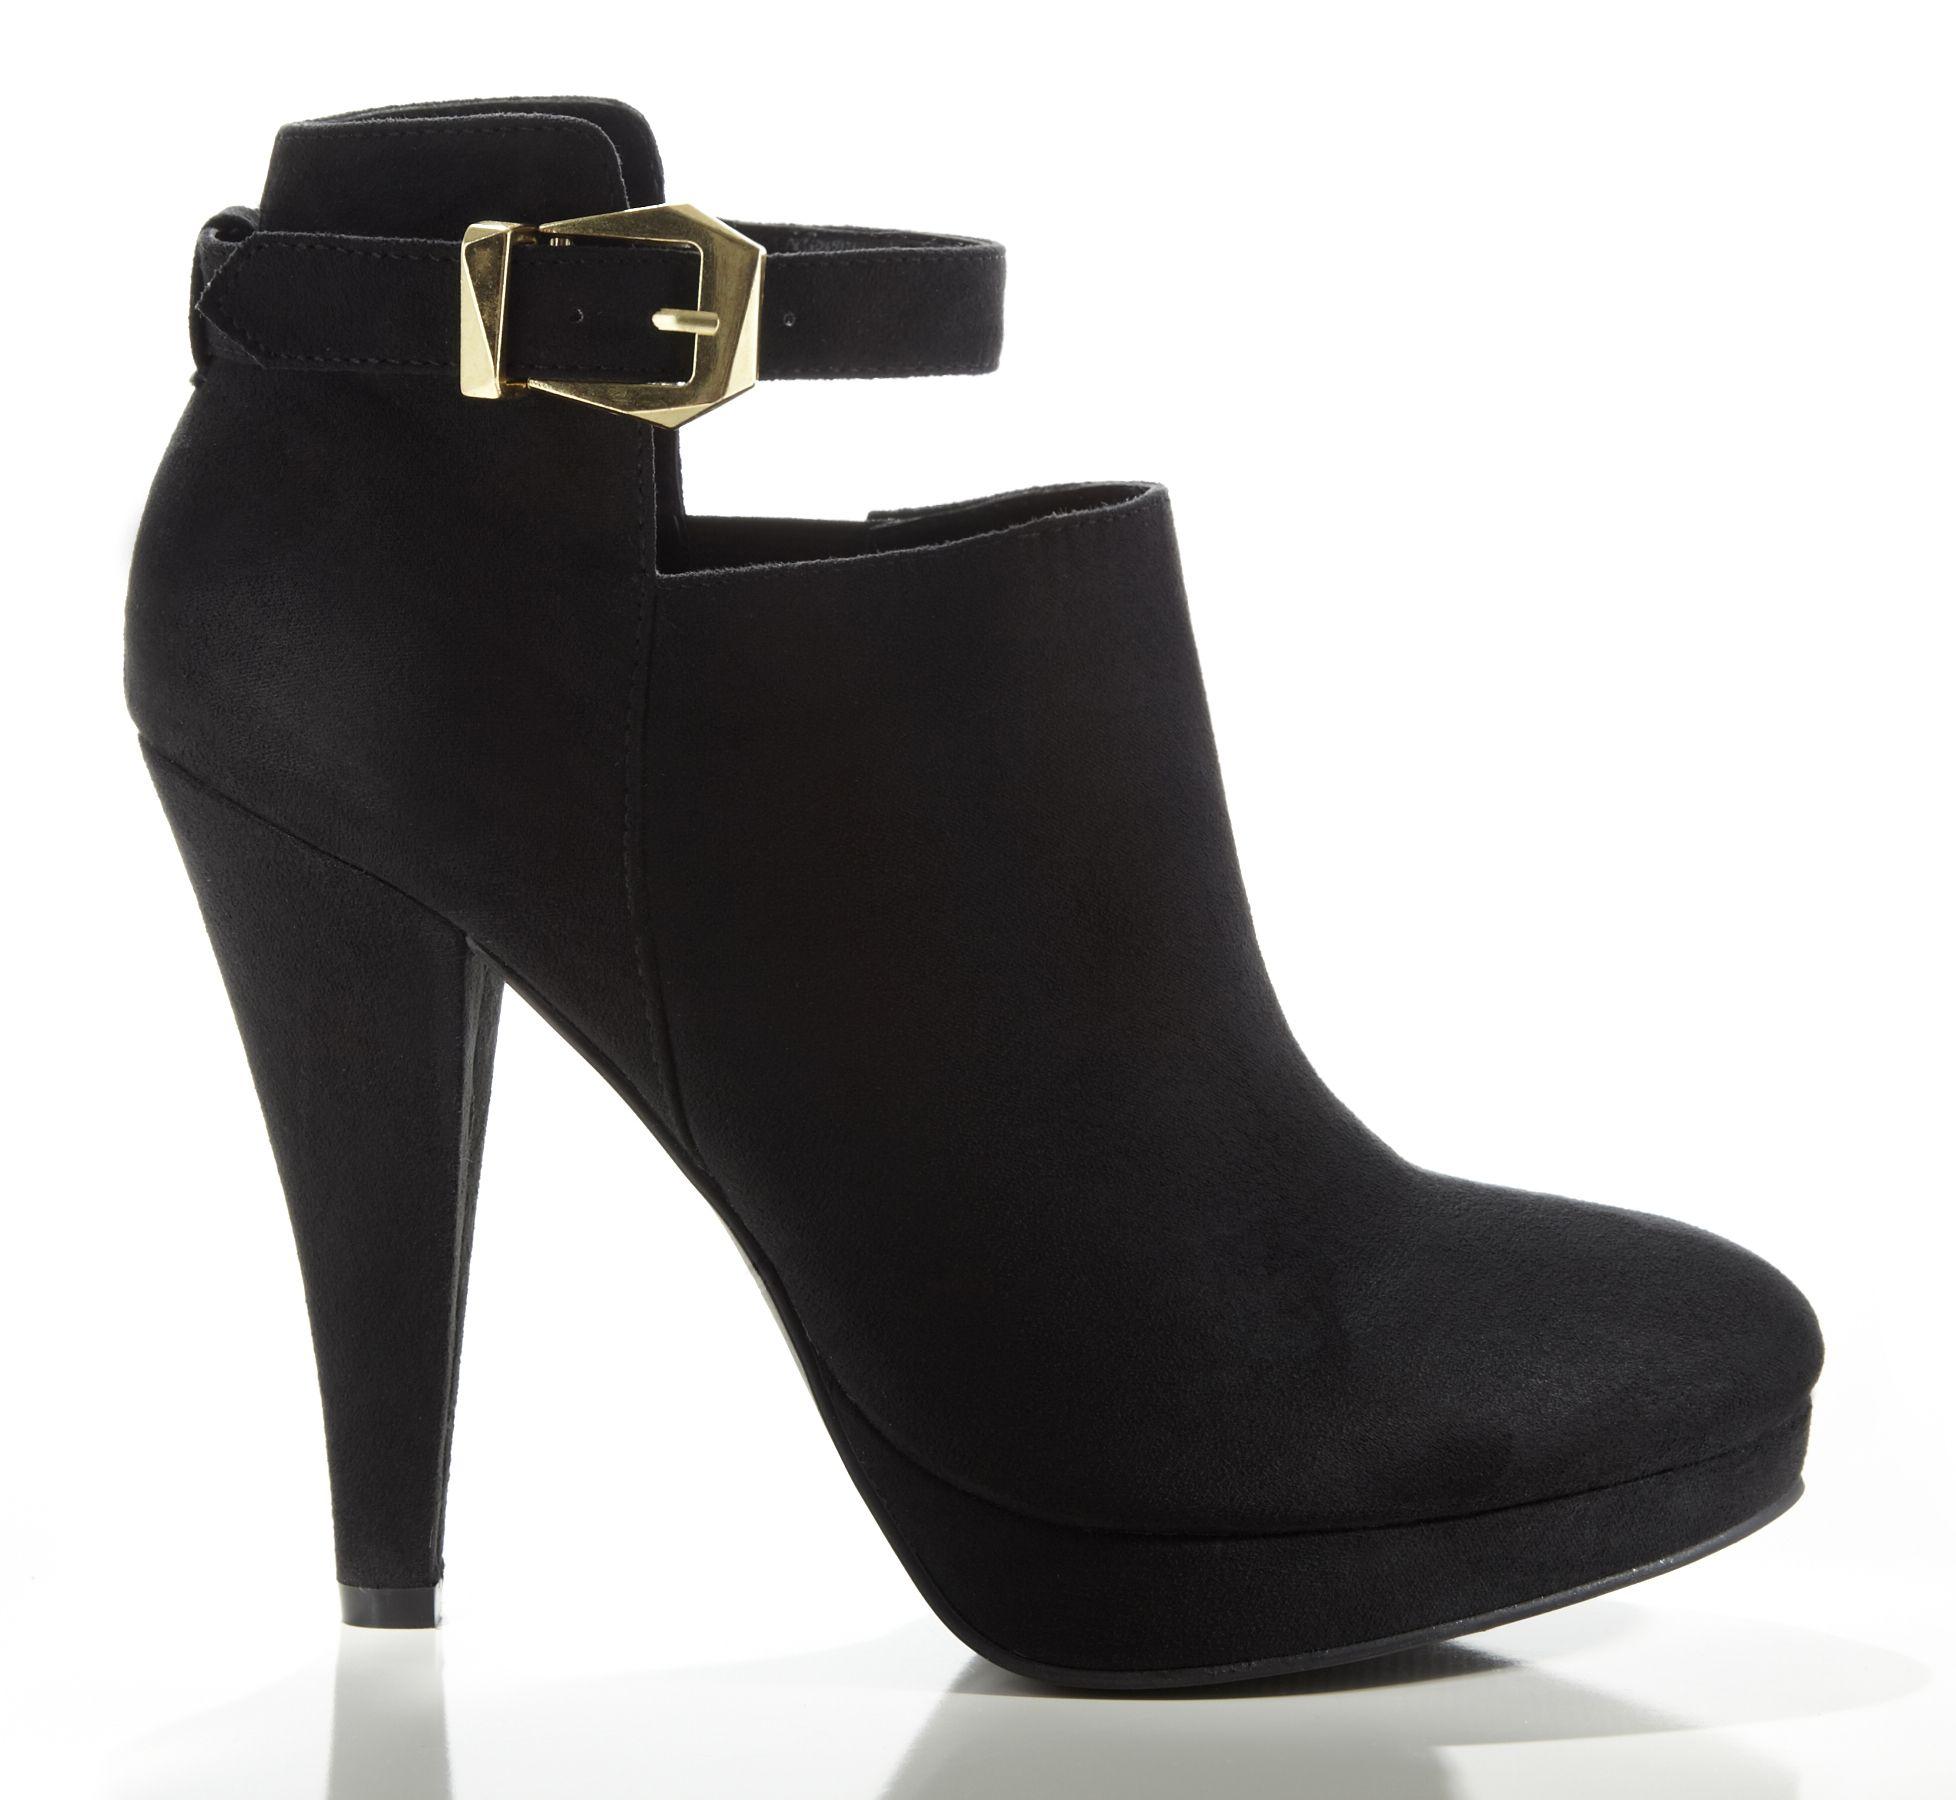 dsw high heel booties